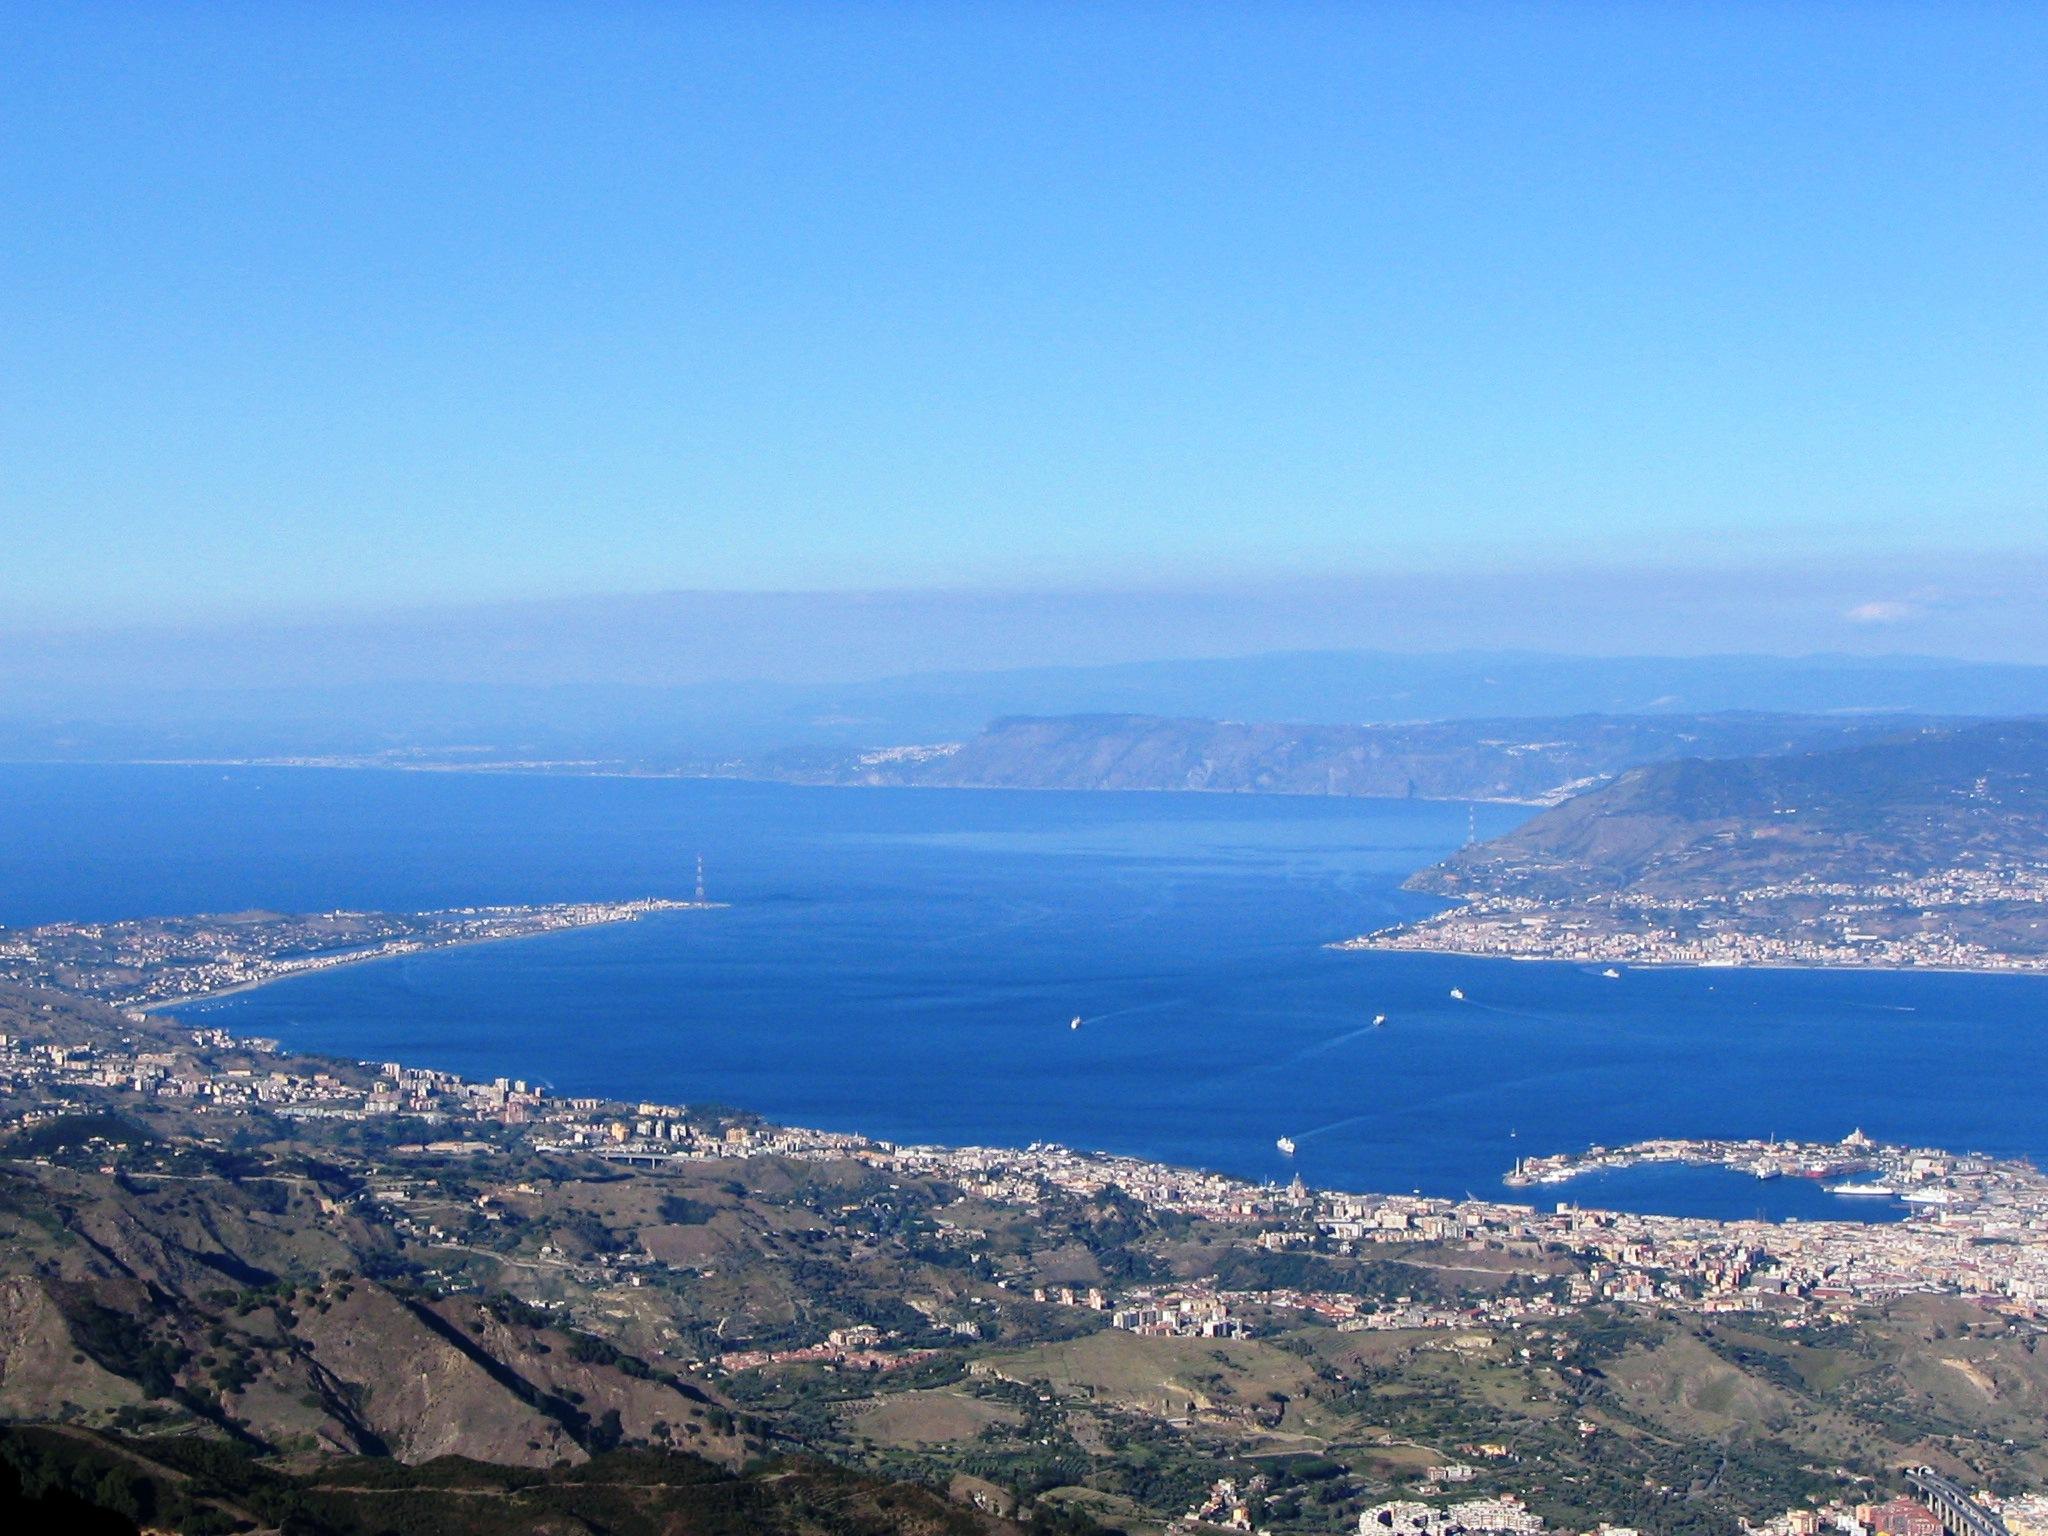 Reggio, Messina e l'ombra del Ponte:  le twin cities dello Stretto e la sfida dell'integrazione